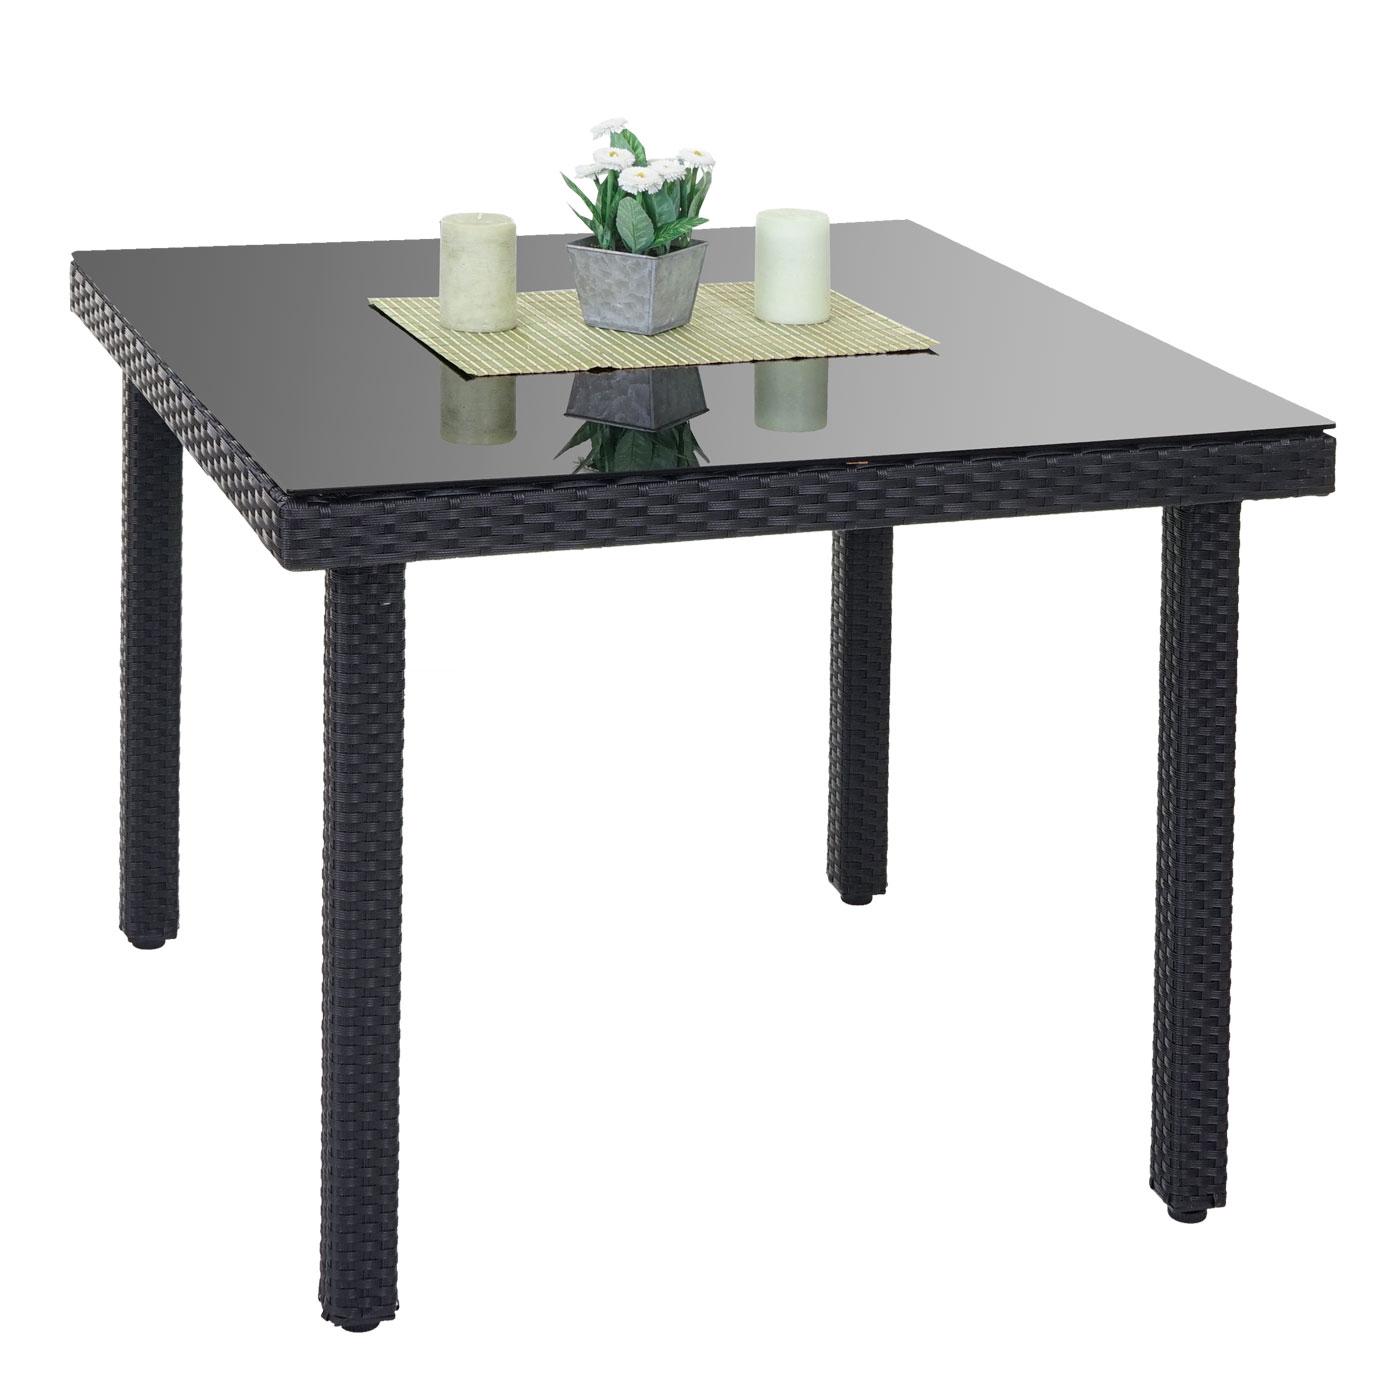 poly rattan gartentisch cava esstisch mit glasplatte 90x90x74cm anthrazit ebay. Black Bedroom Furniture Sets. Home Design Ideas